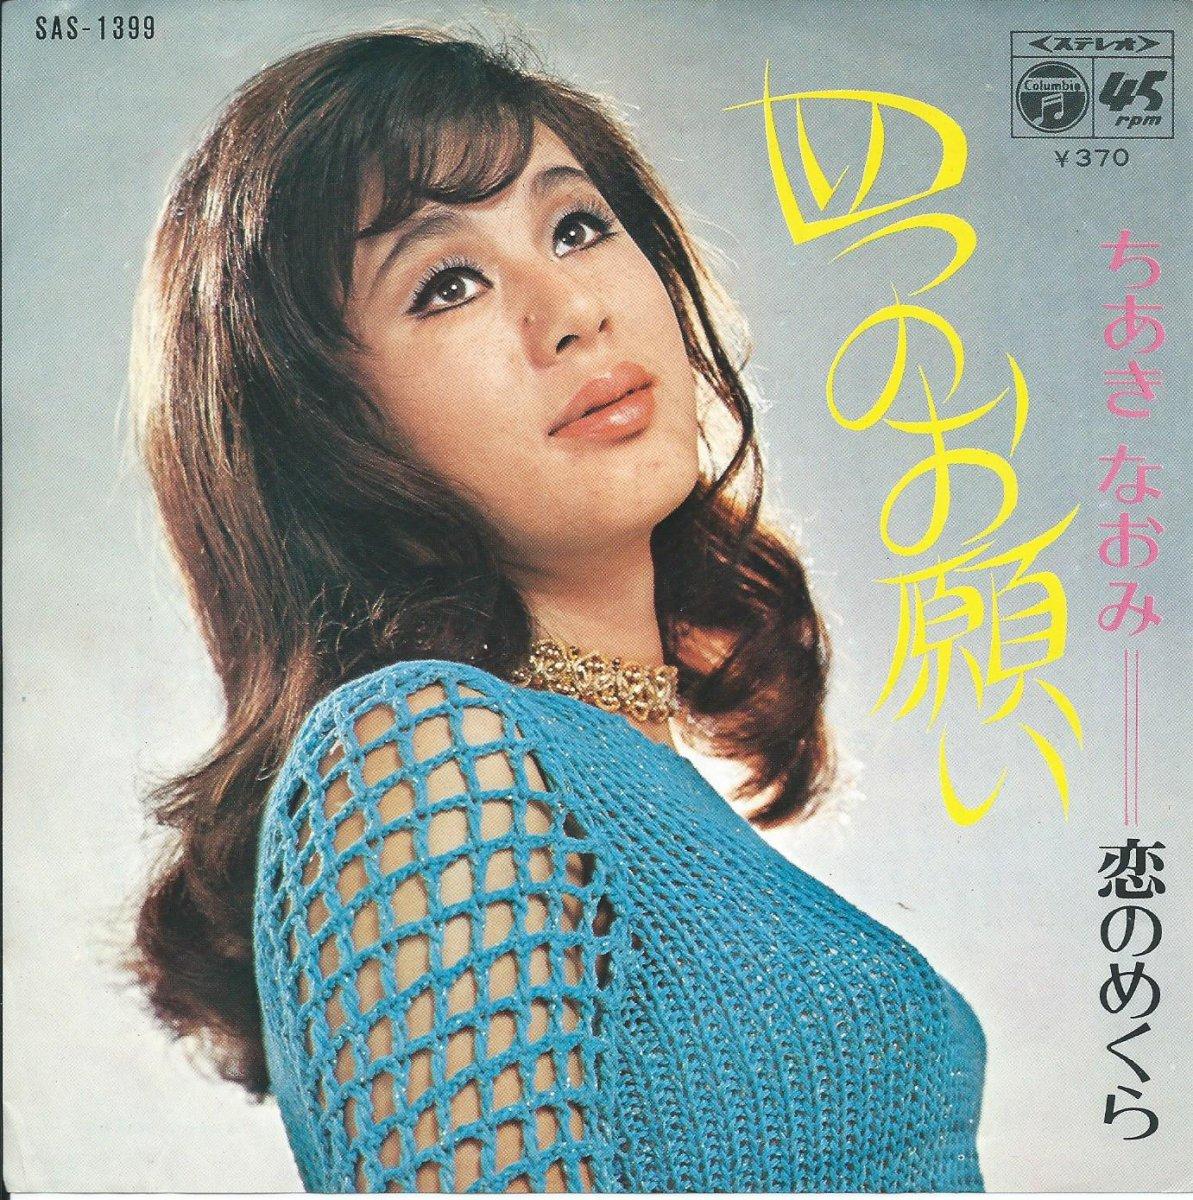 ちあきなおみ / 四つのお願い / 恋のめくら (7